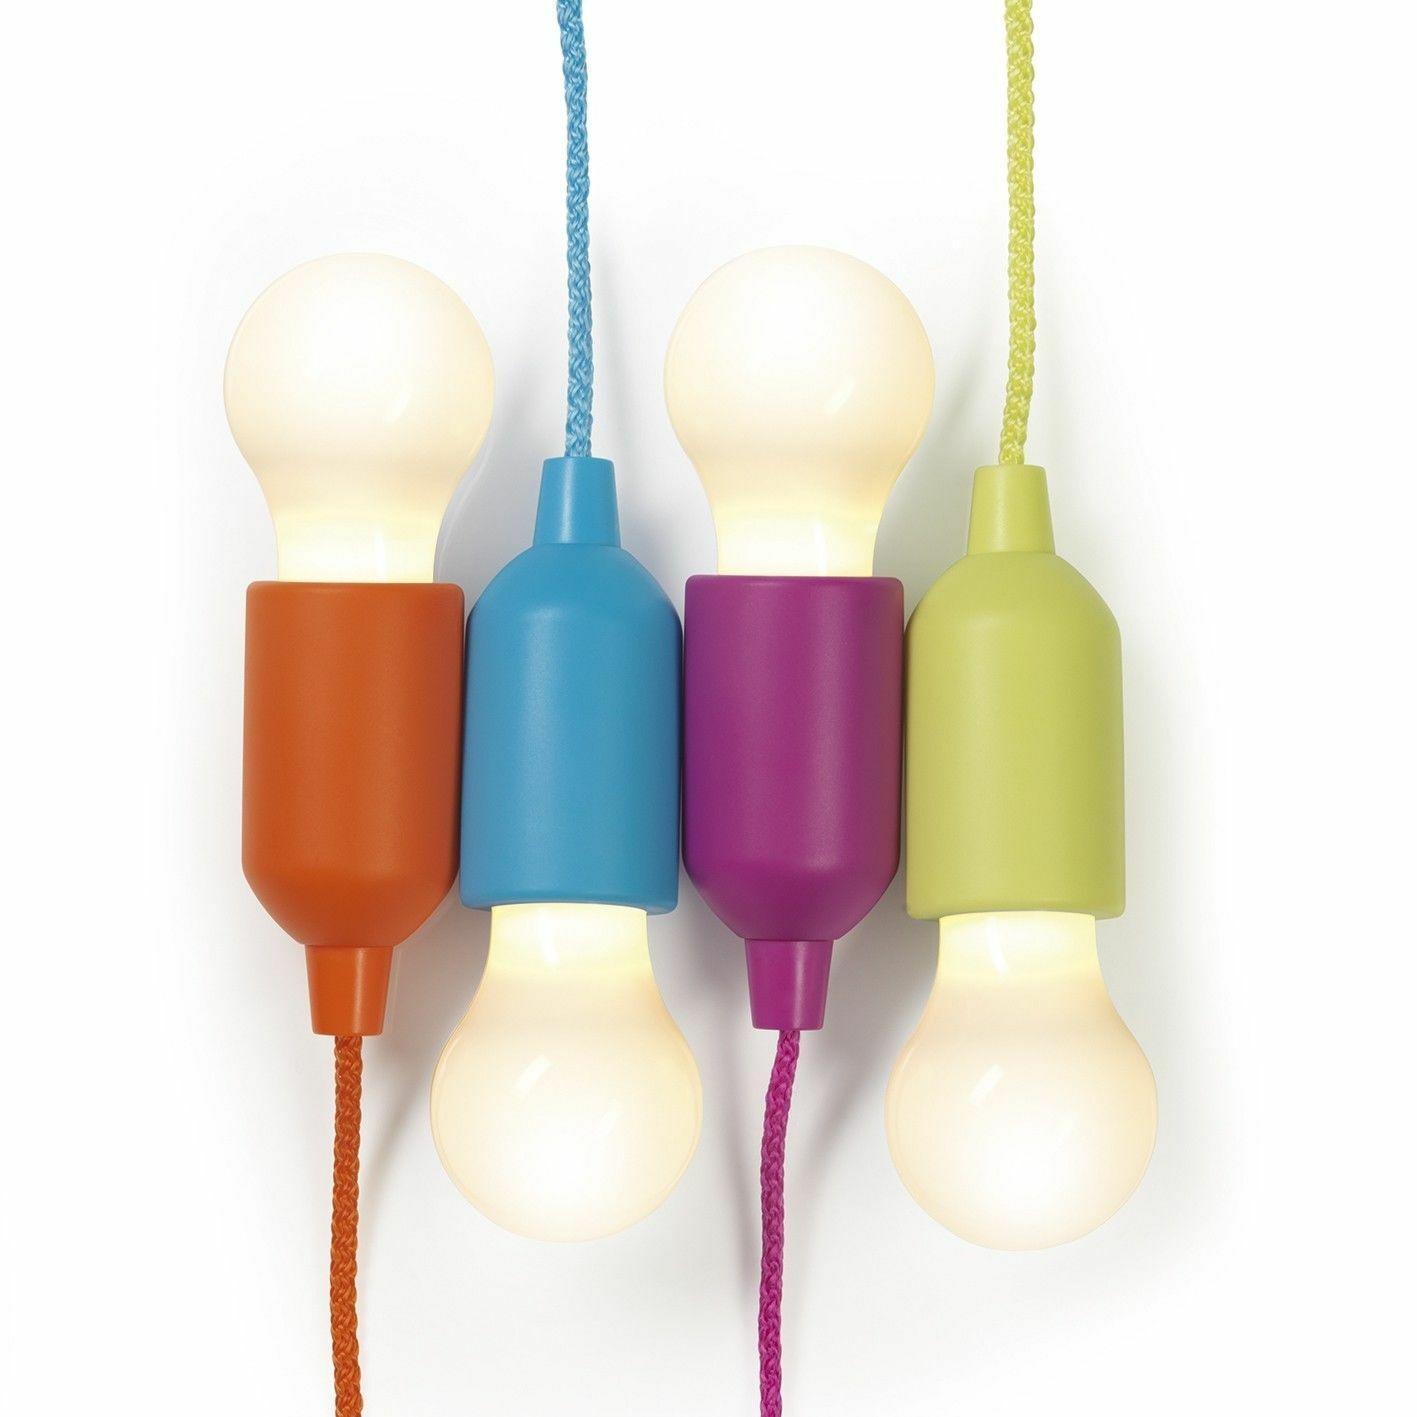 LED-Ziehleuchten von EASYmaxx 23% günstiger kaufen!